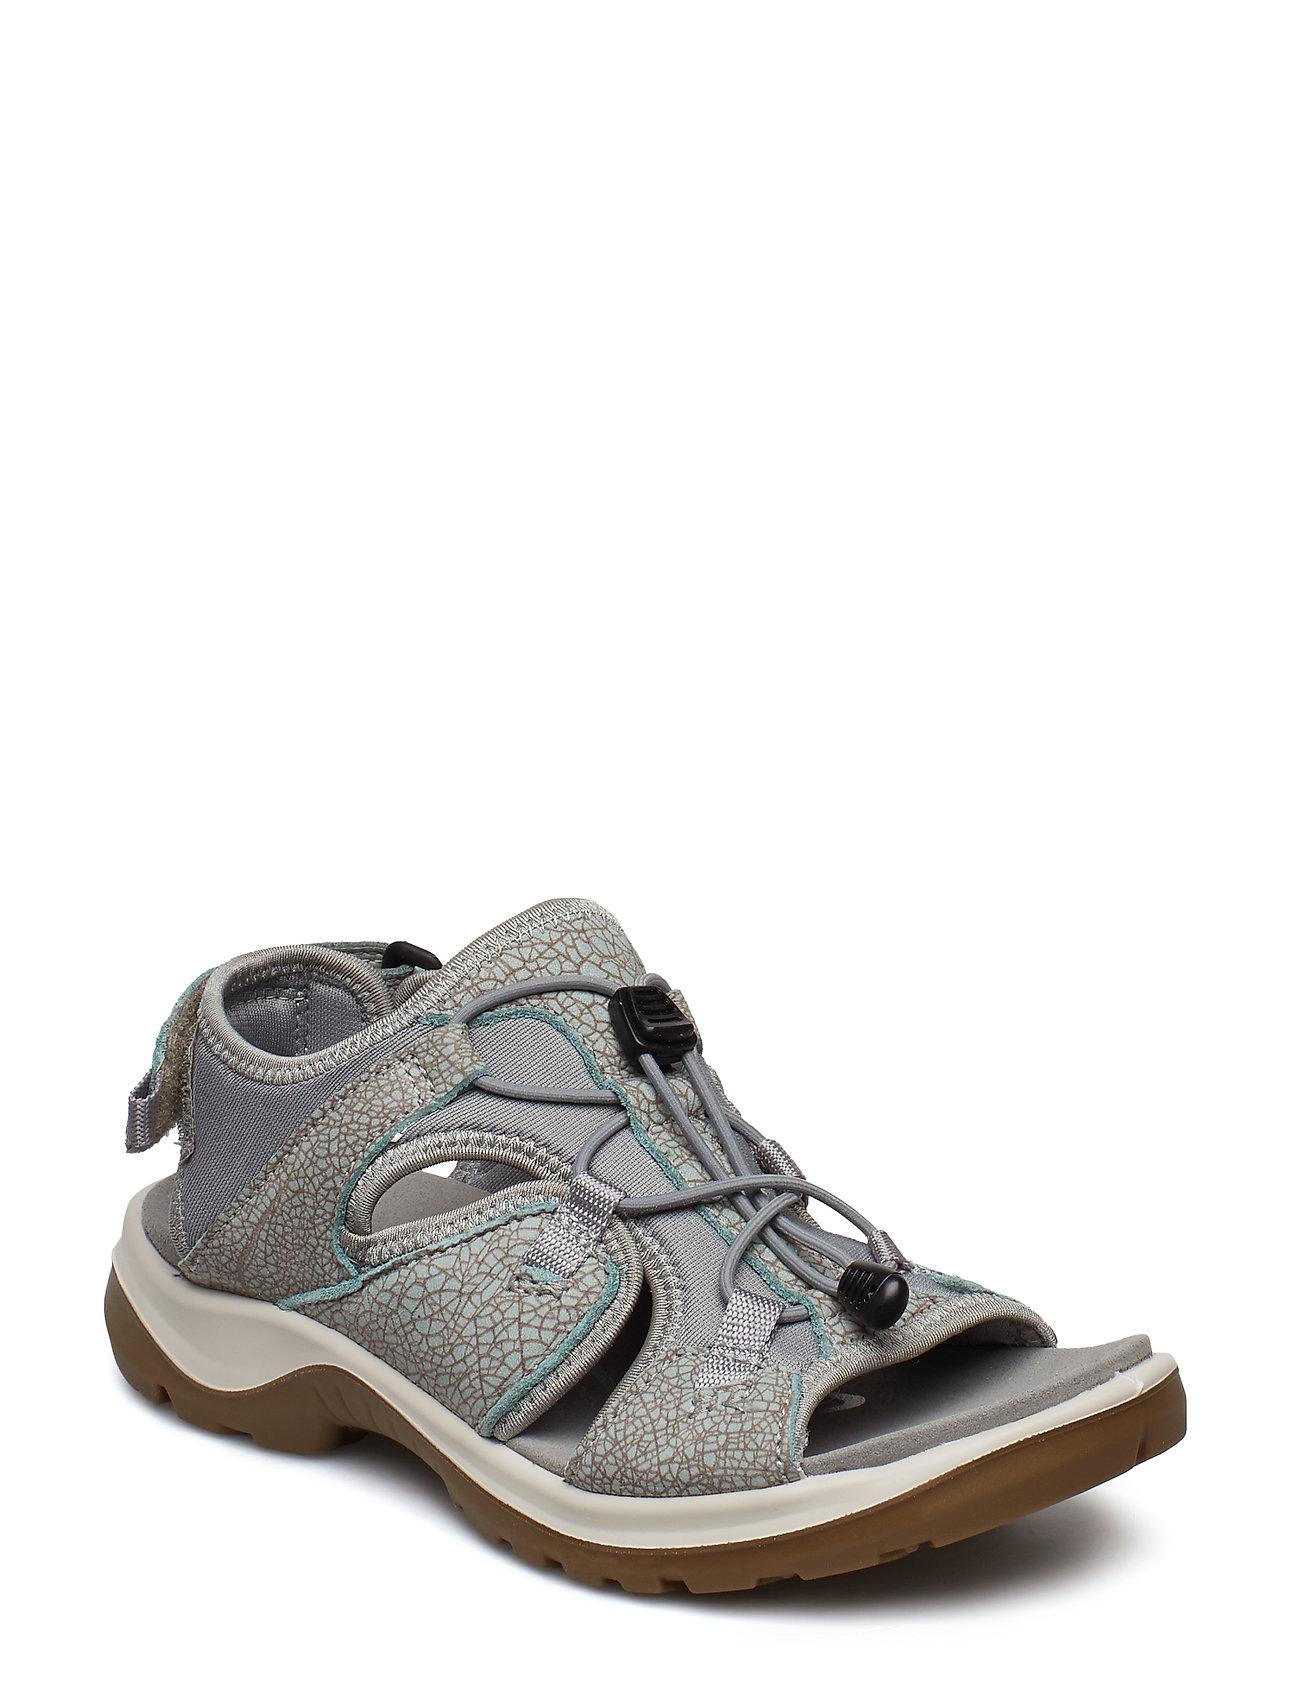 41da7d7c828 Offroad flade sandaler fra ECCO til dame i ICE FLOWER/COCOA BROWN ...